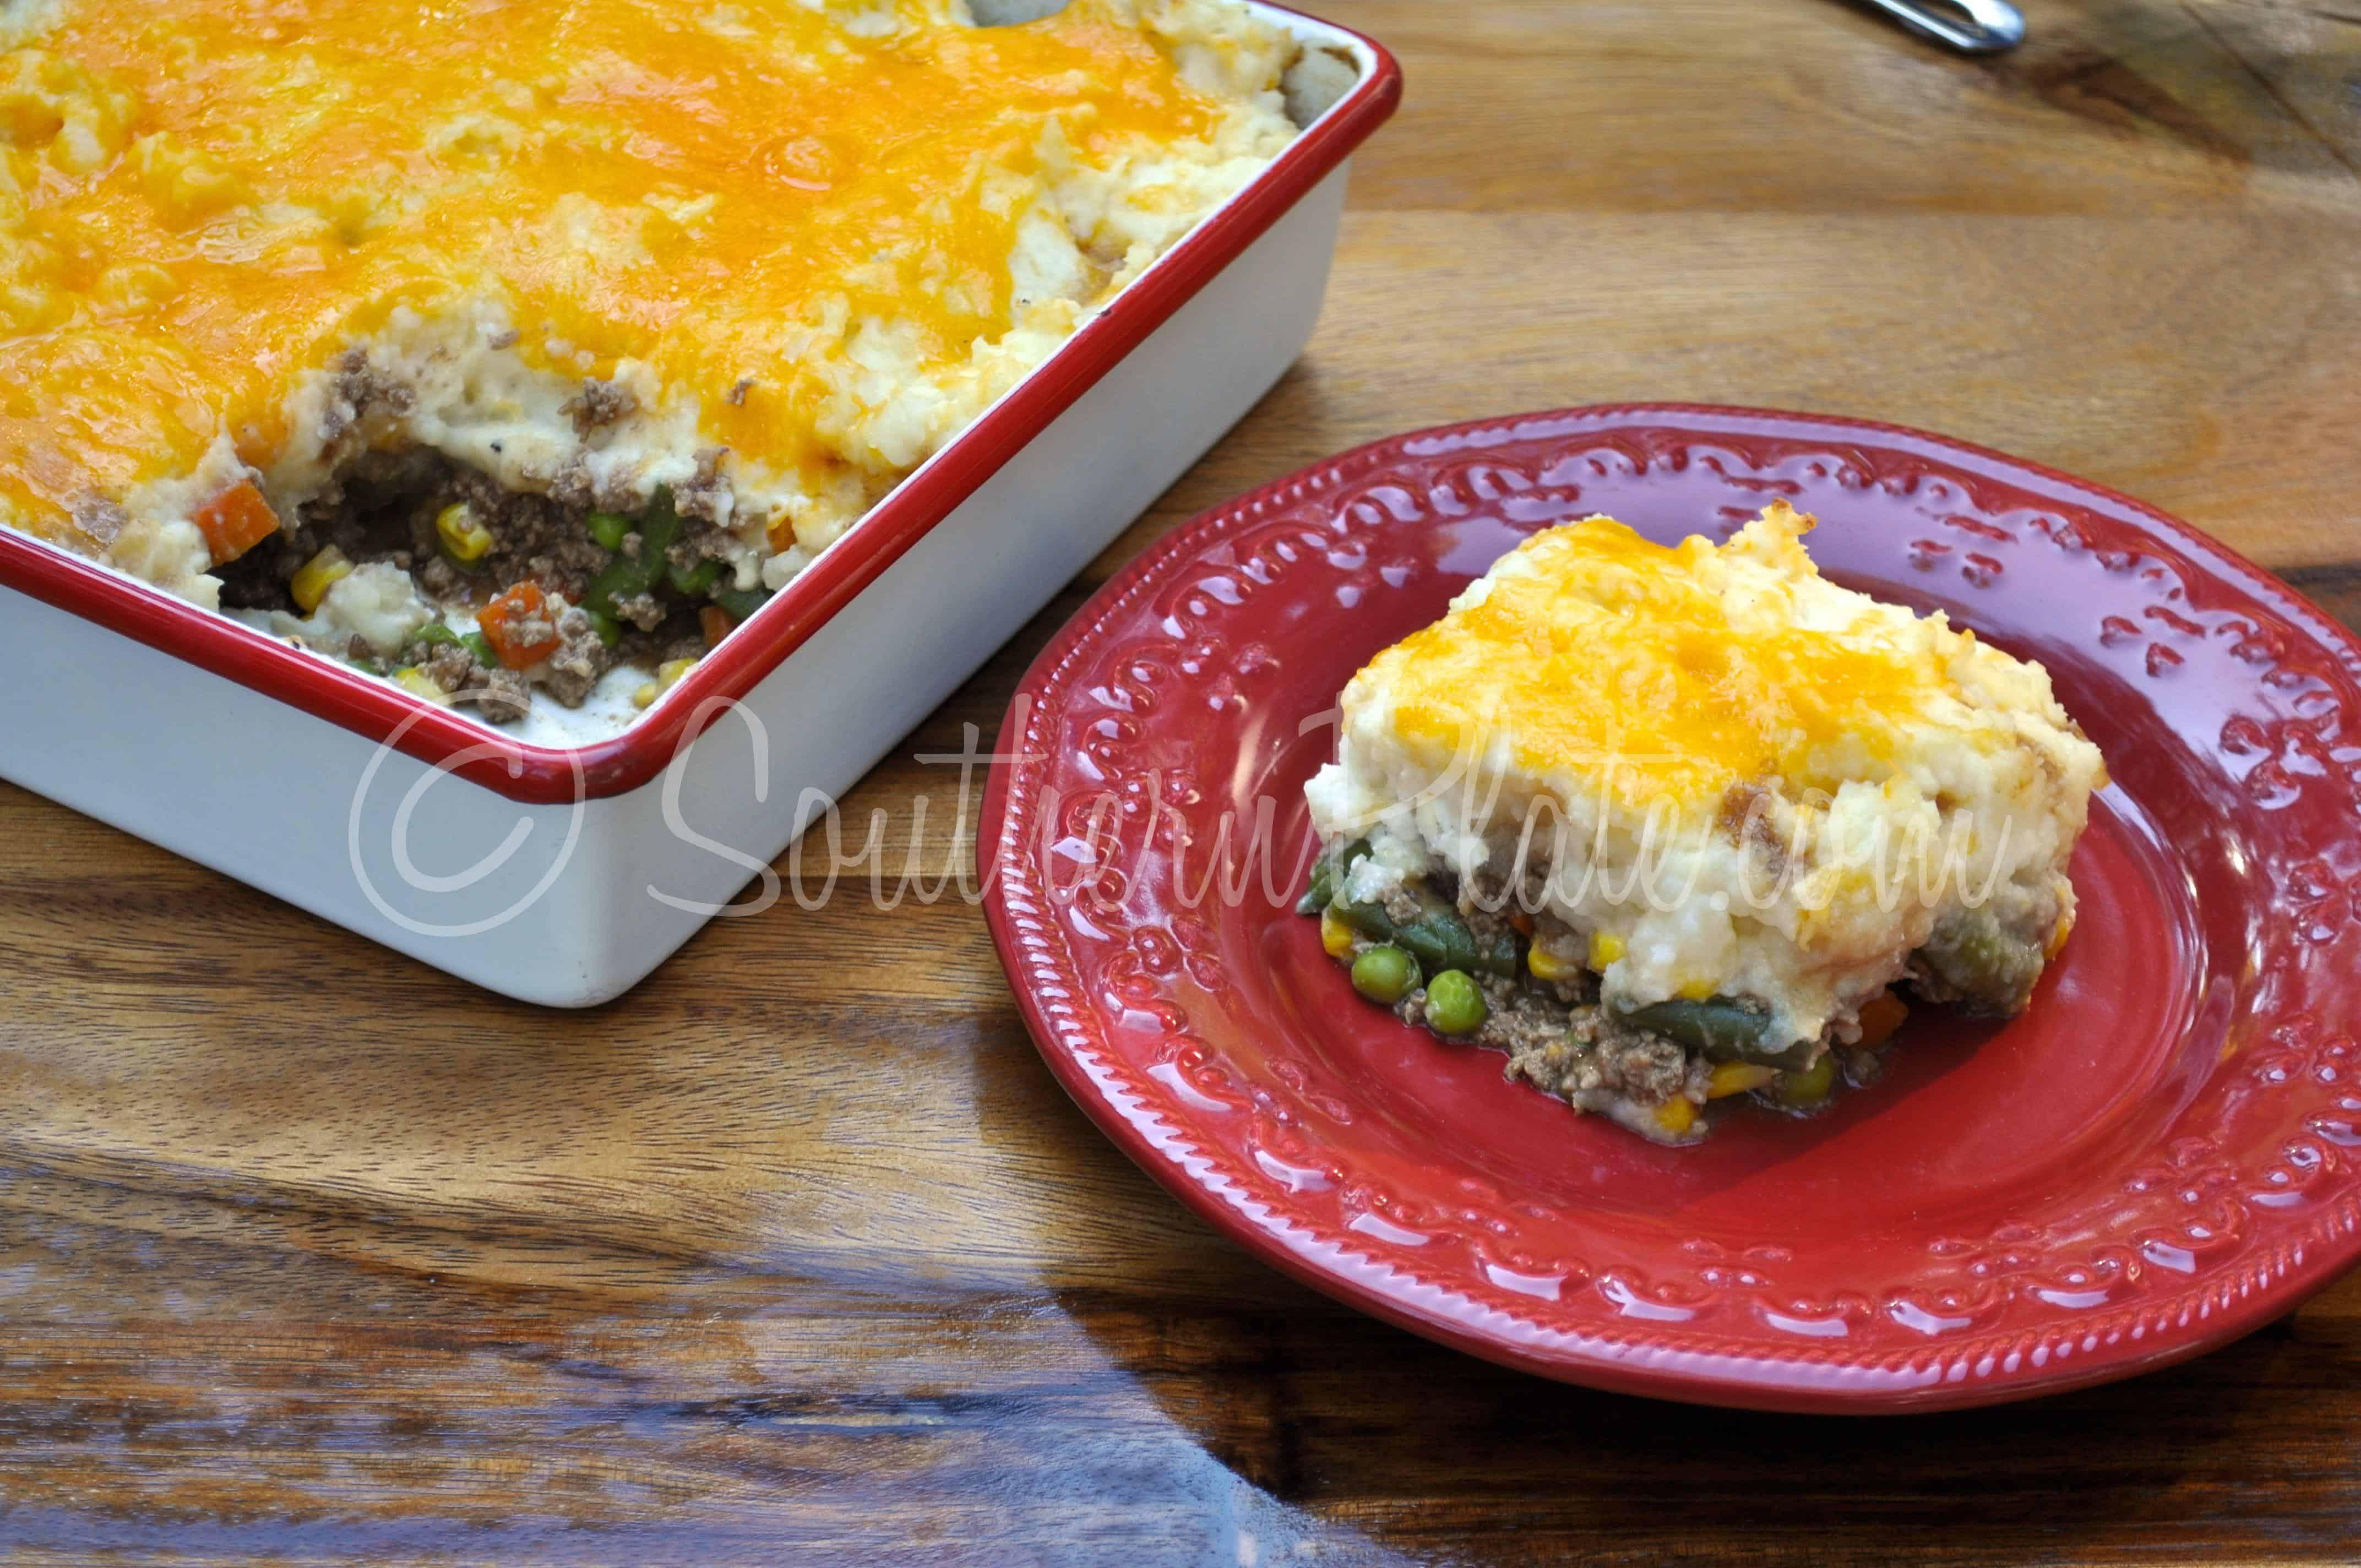 Southern Plate Shepherd's Pie